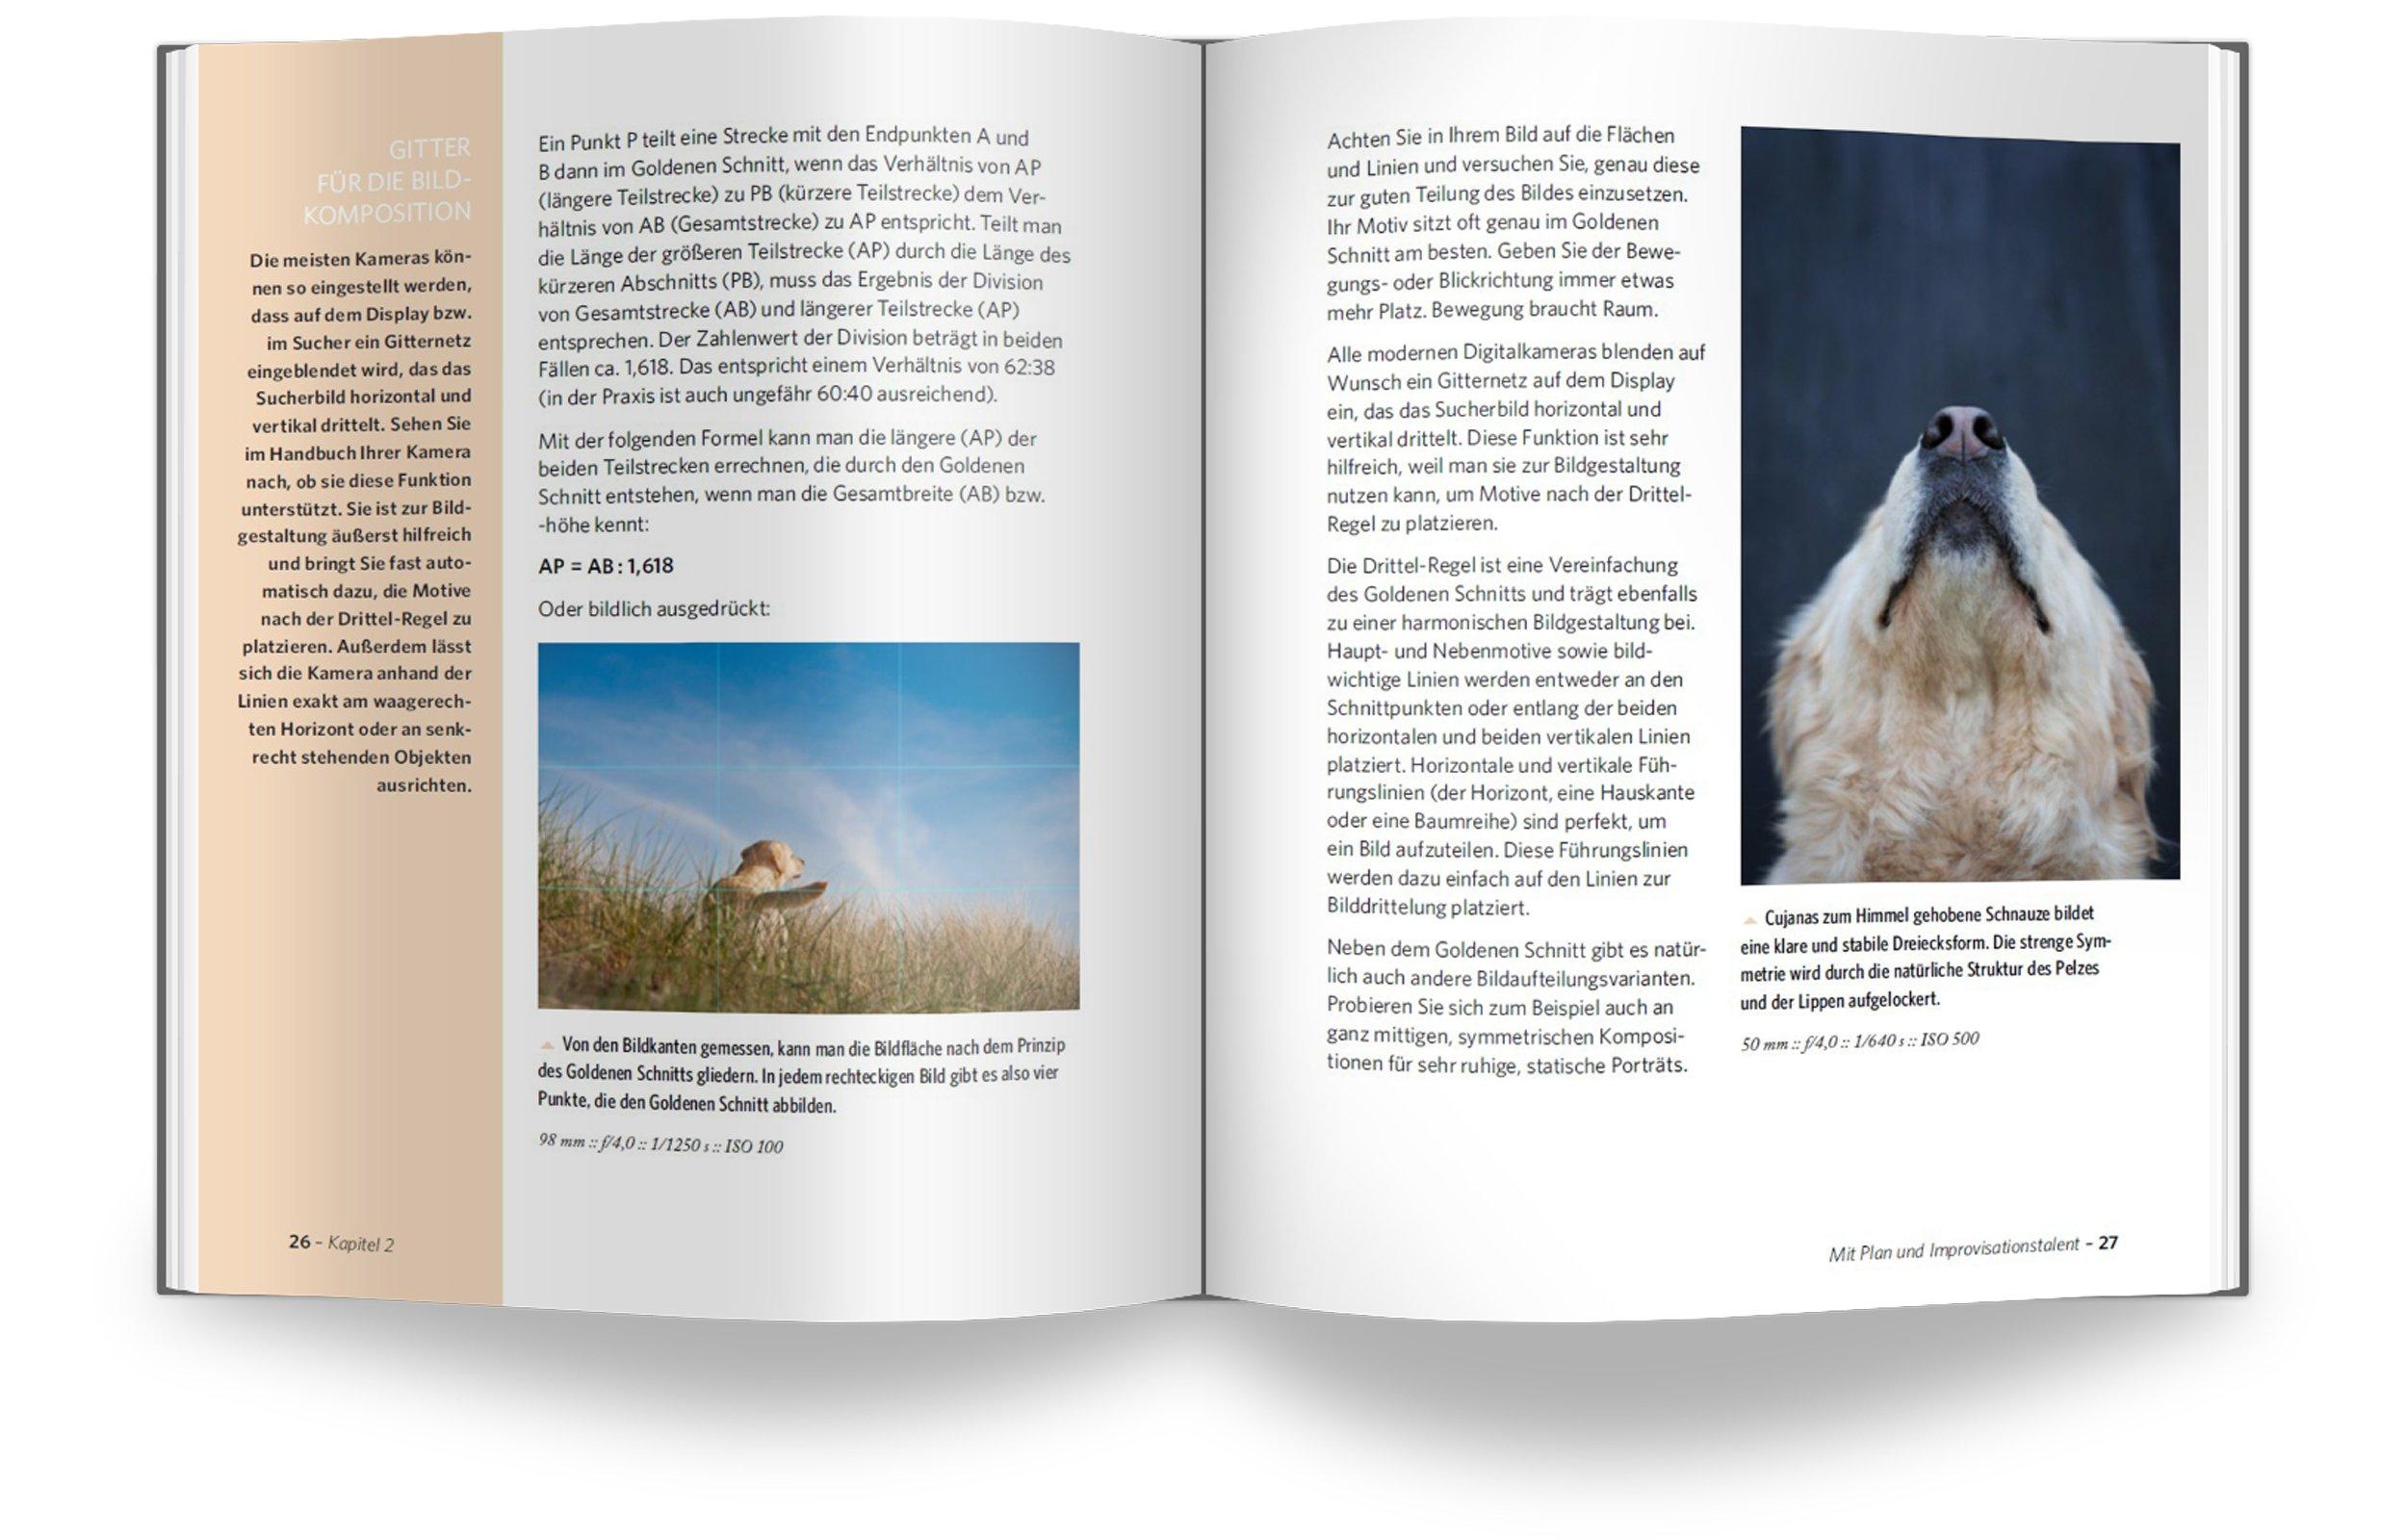 Fotoschule Extra Tierfotografie Draußen Und Drinnen Hunde Pferde Katzen U A Richtig Fotografieren Wiebke Haas Bücher